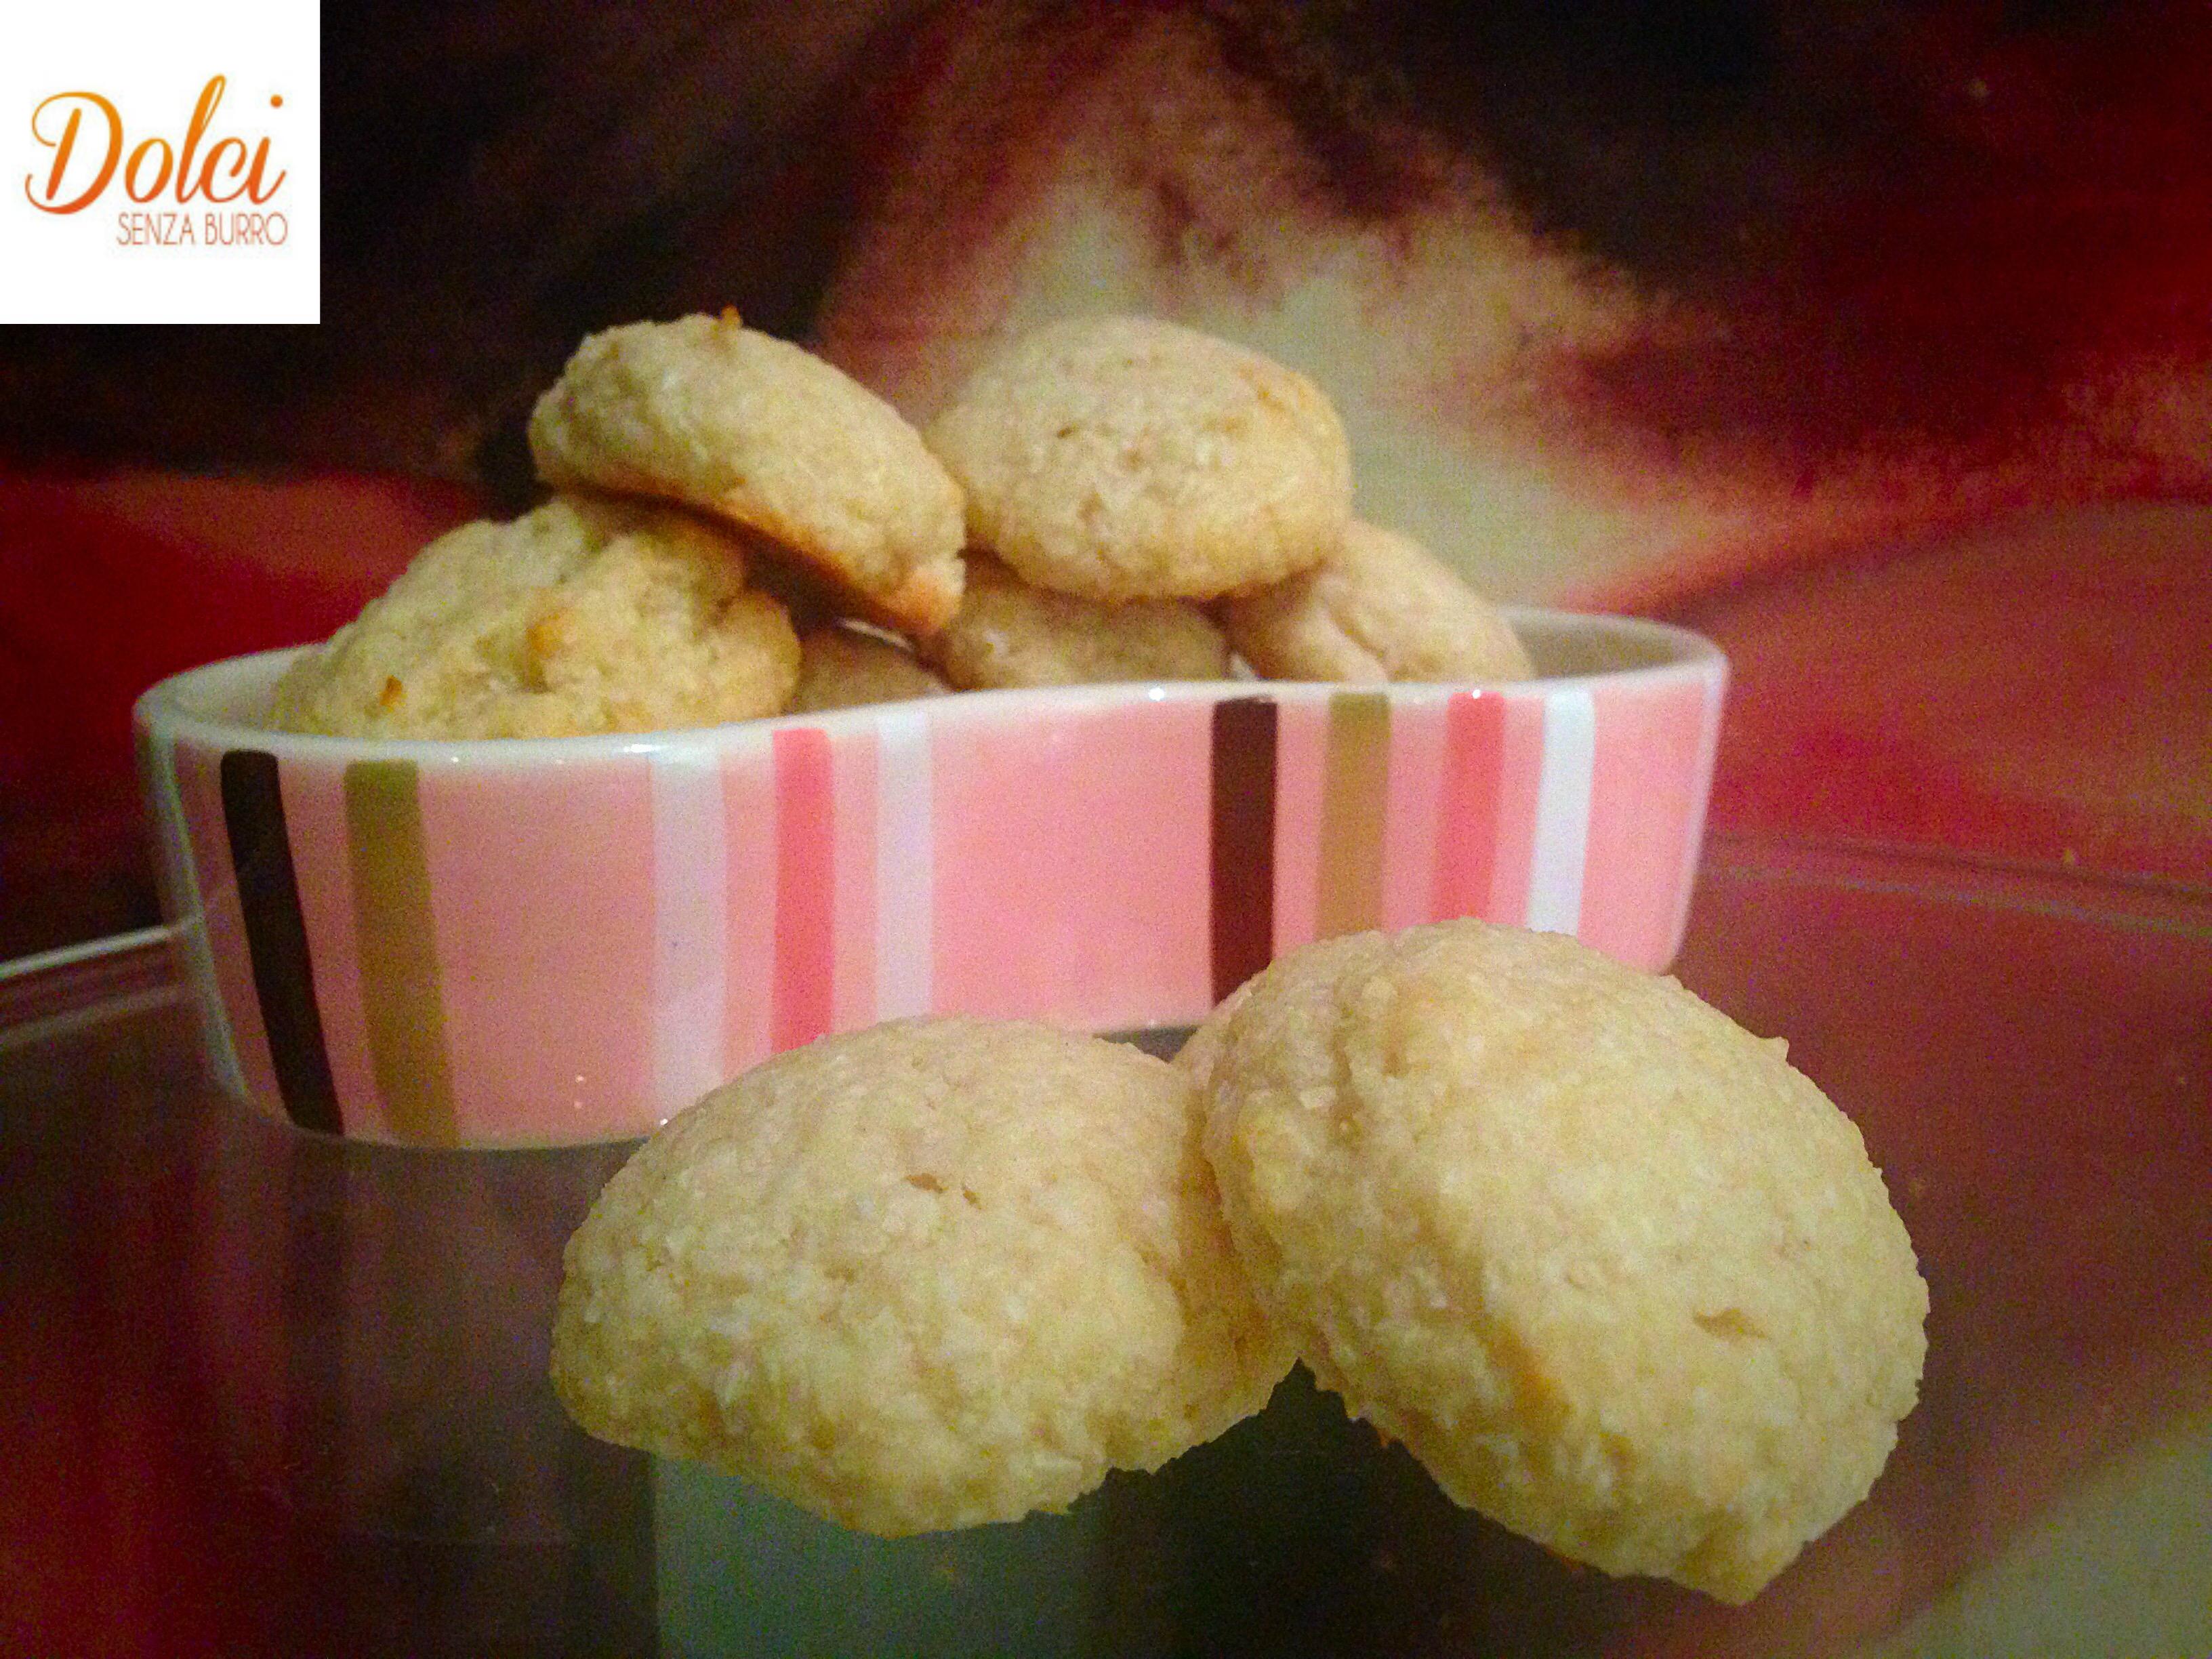 Biscotti al Cocco e Yogurt Senza Burro, i biscotti light di dolci senza burro